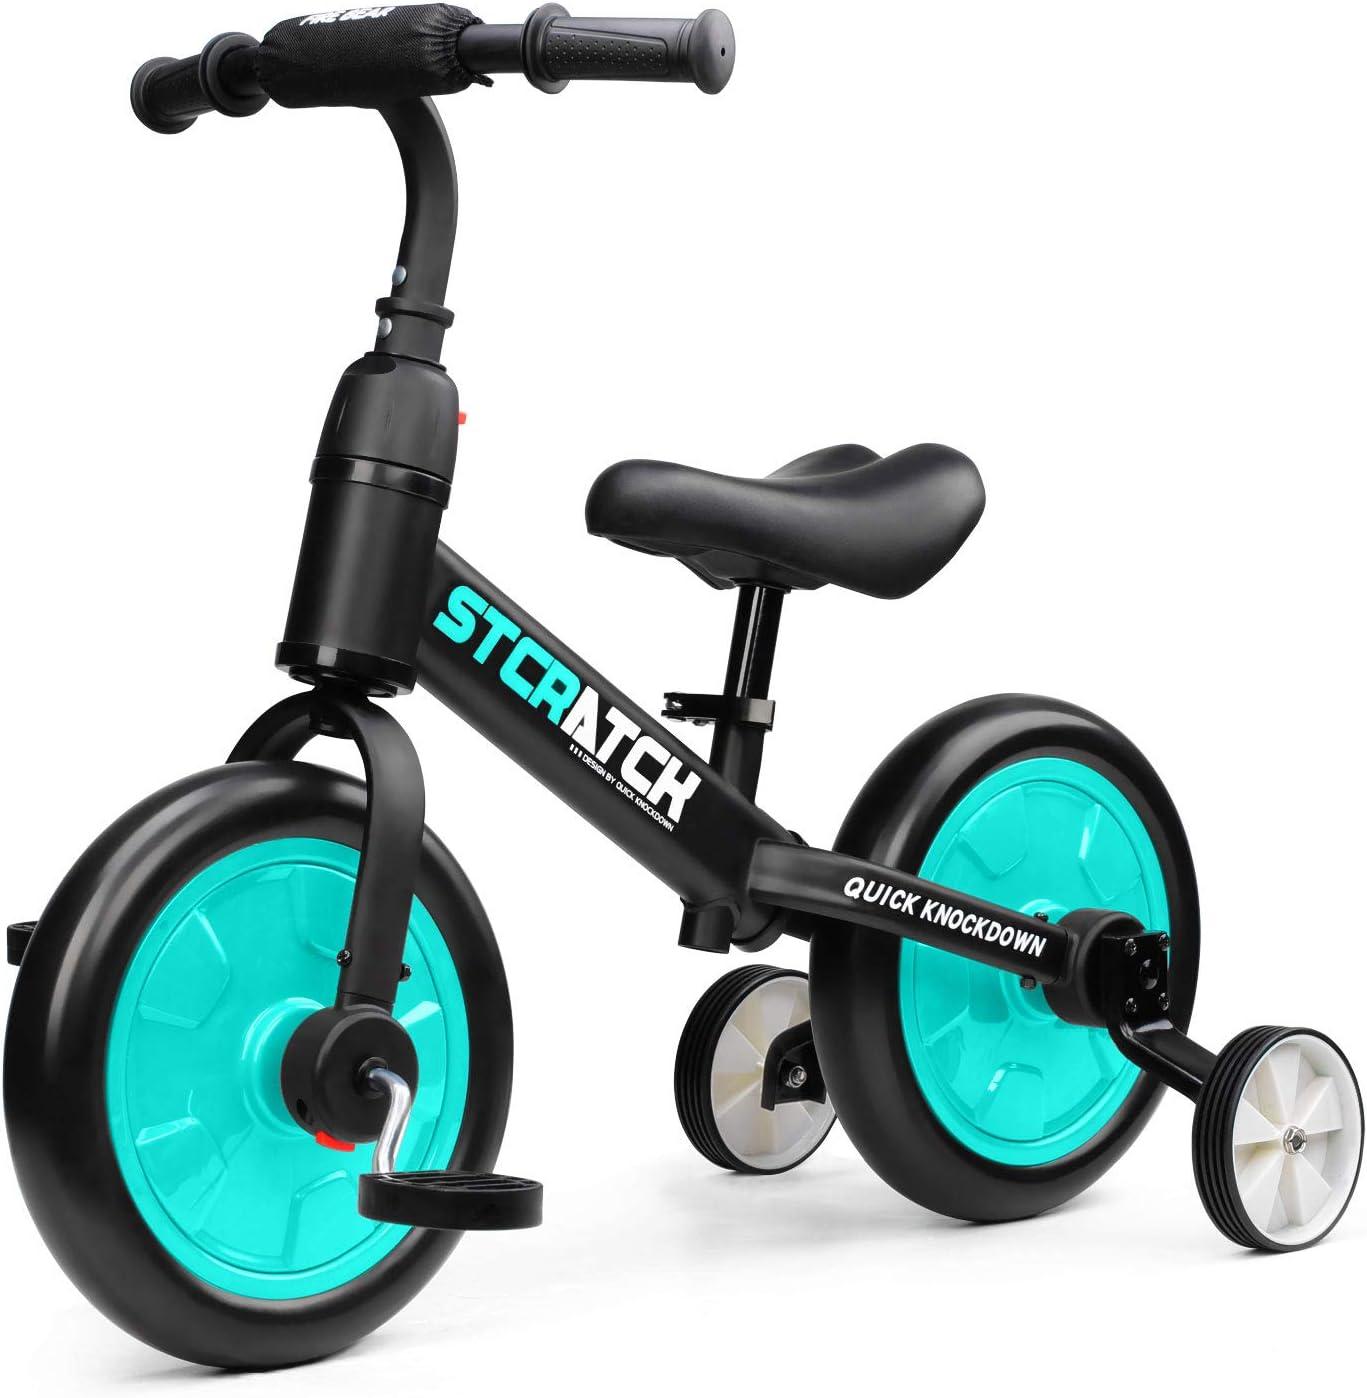 Fascol 3 en 1 Bicicleta de Equilibrio para 1-6 Años Niños, Triciclo para Bebes con Pedales Desmontables y Ruedas Auxiliares, Diseño de Asiento Elevador para Ajustar Alturas